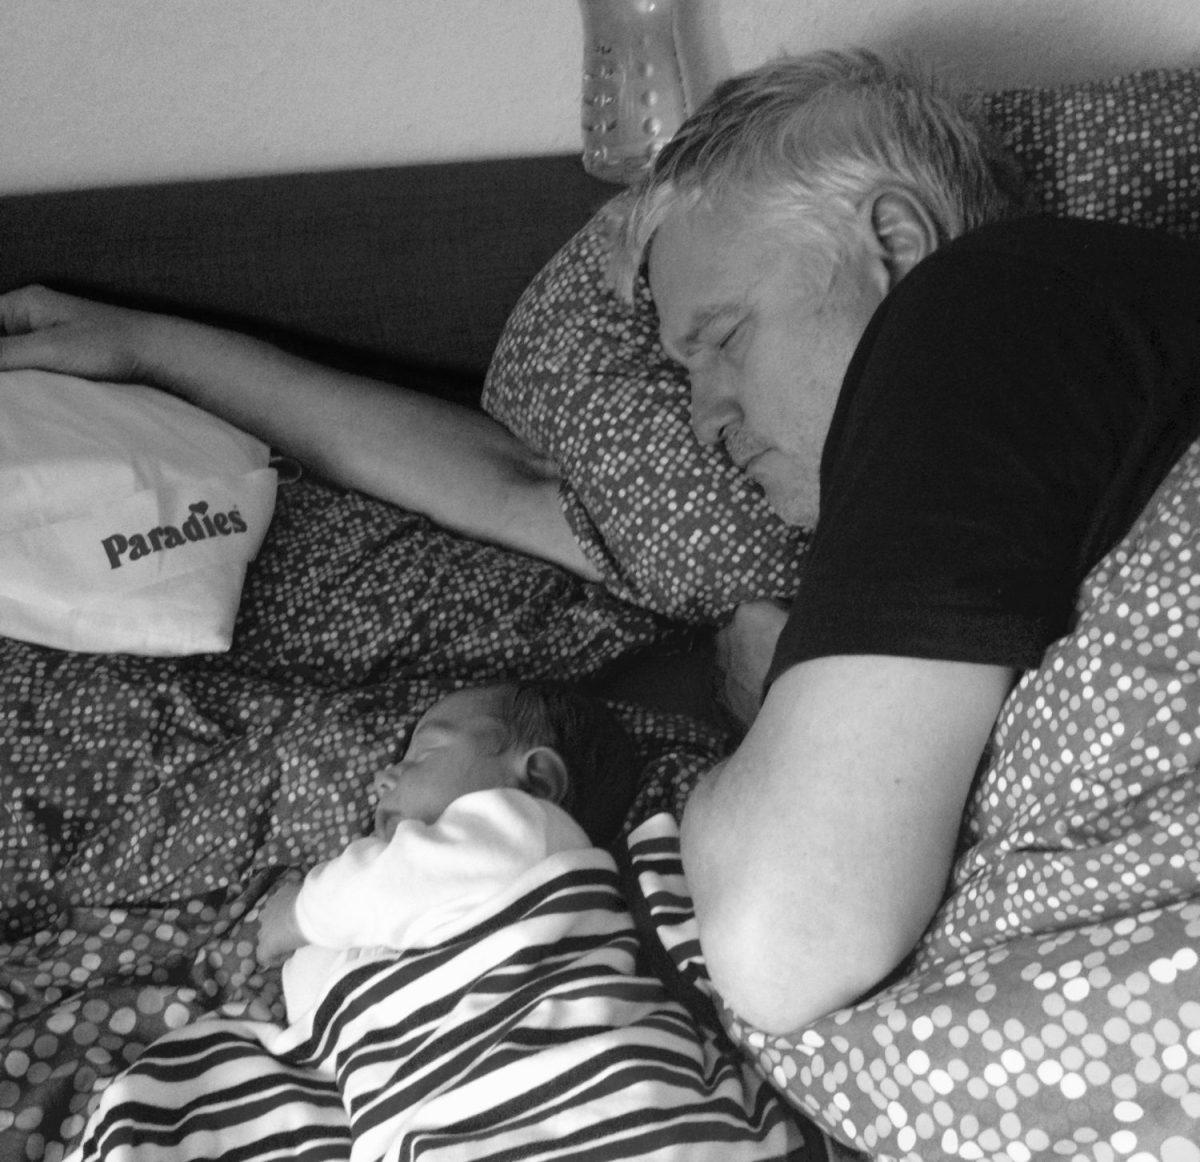 Das Wochenbett – eine Liebeserklärung